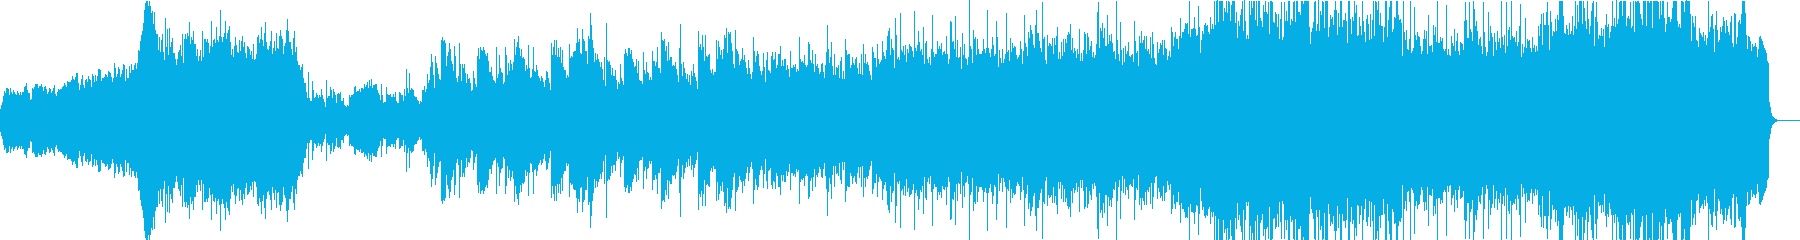 シンセ&オーケストラの癒しリラックス曲の再生済みの波形